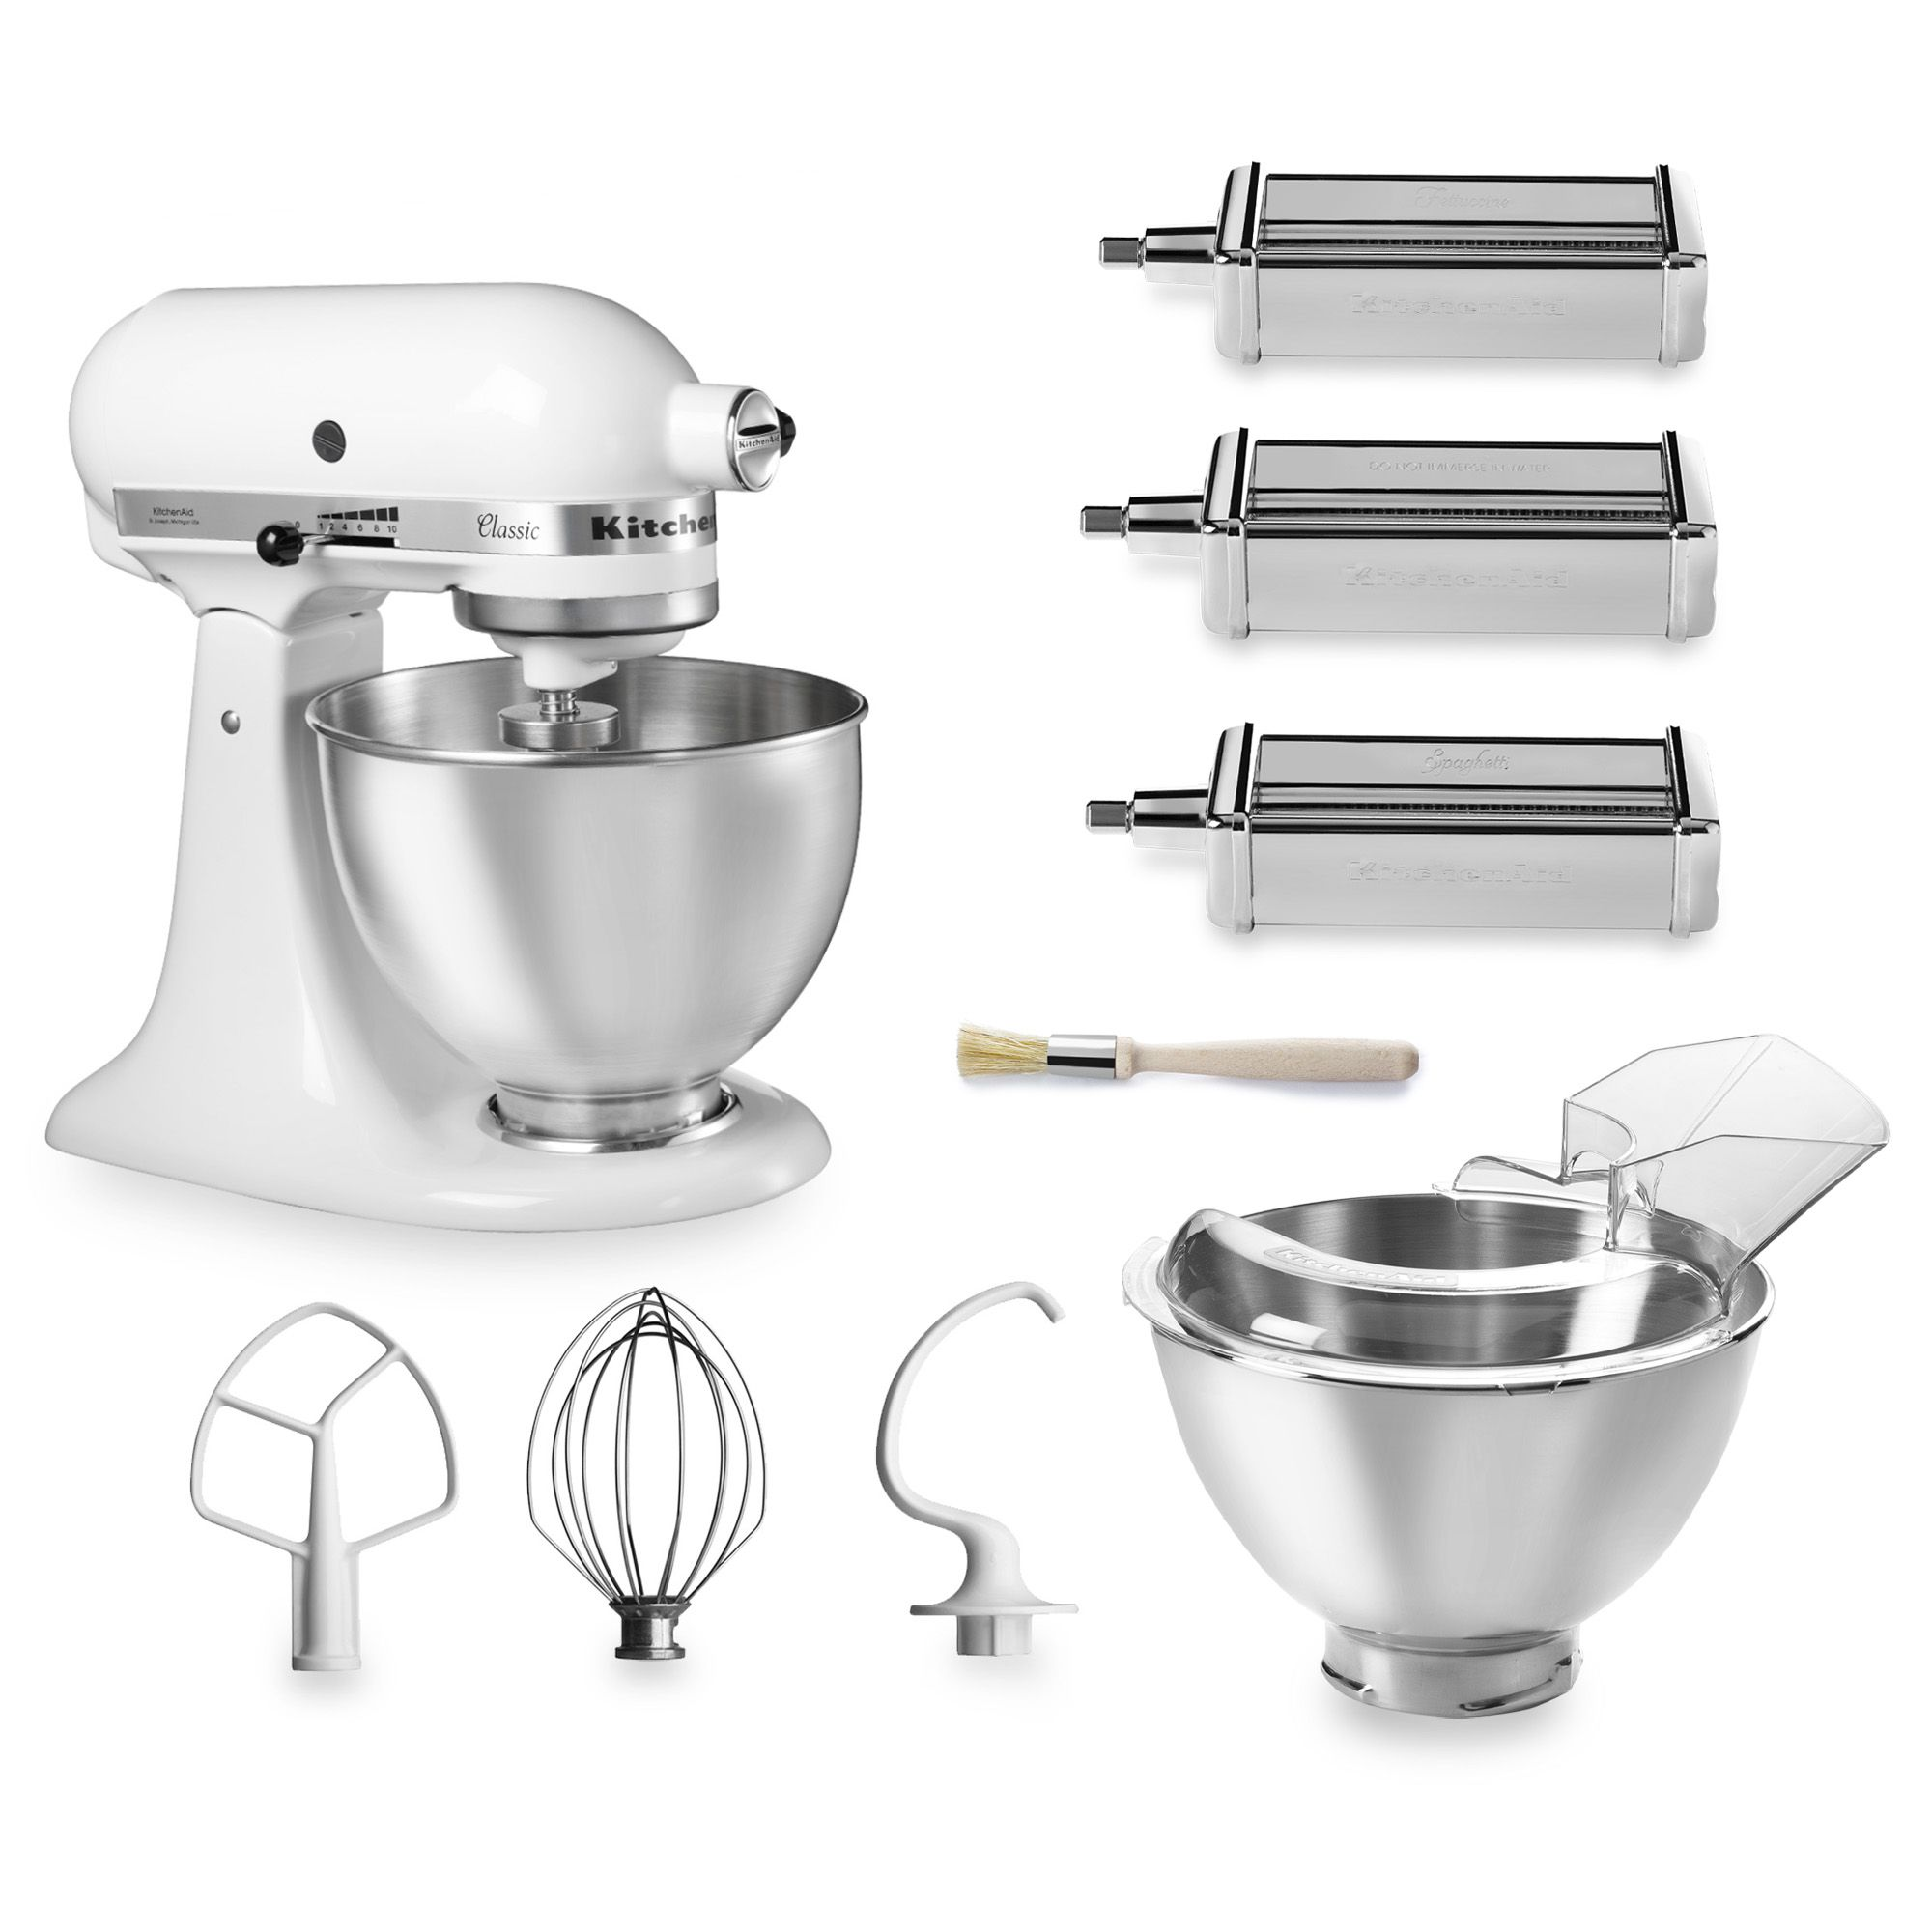 Robot da cucina classic con 2 ciotole e 3 accessori per la pasta qvc italia - Robot per cucinare e cuocere ...